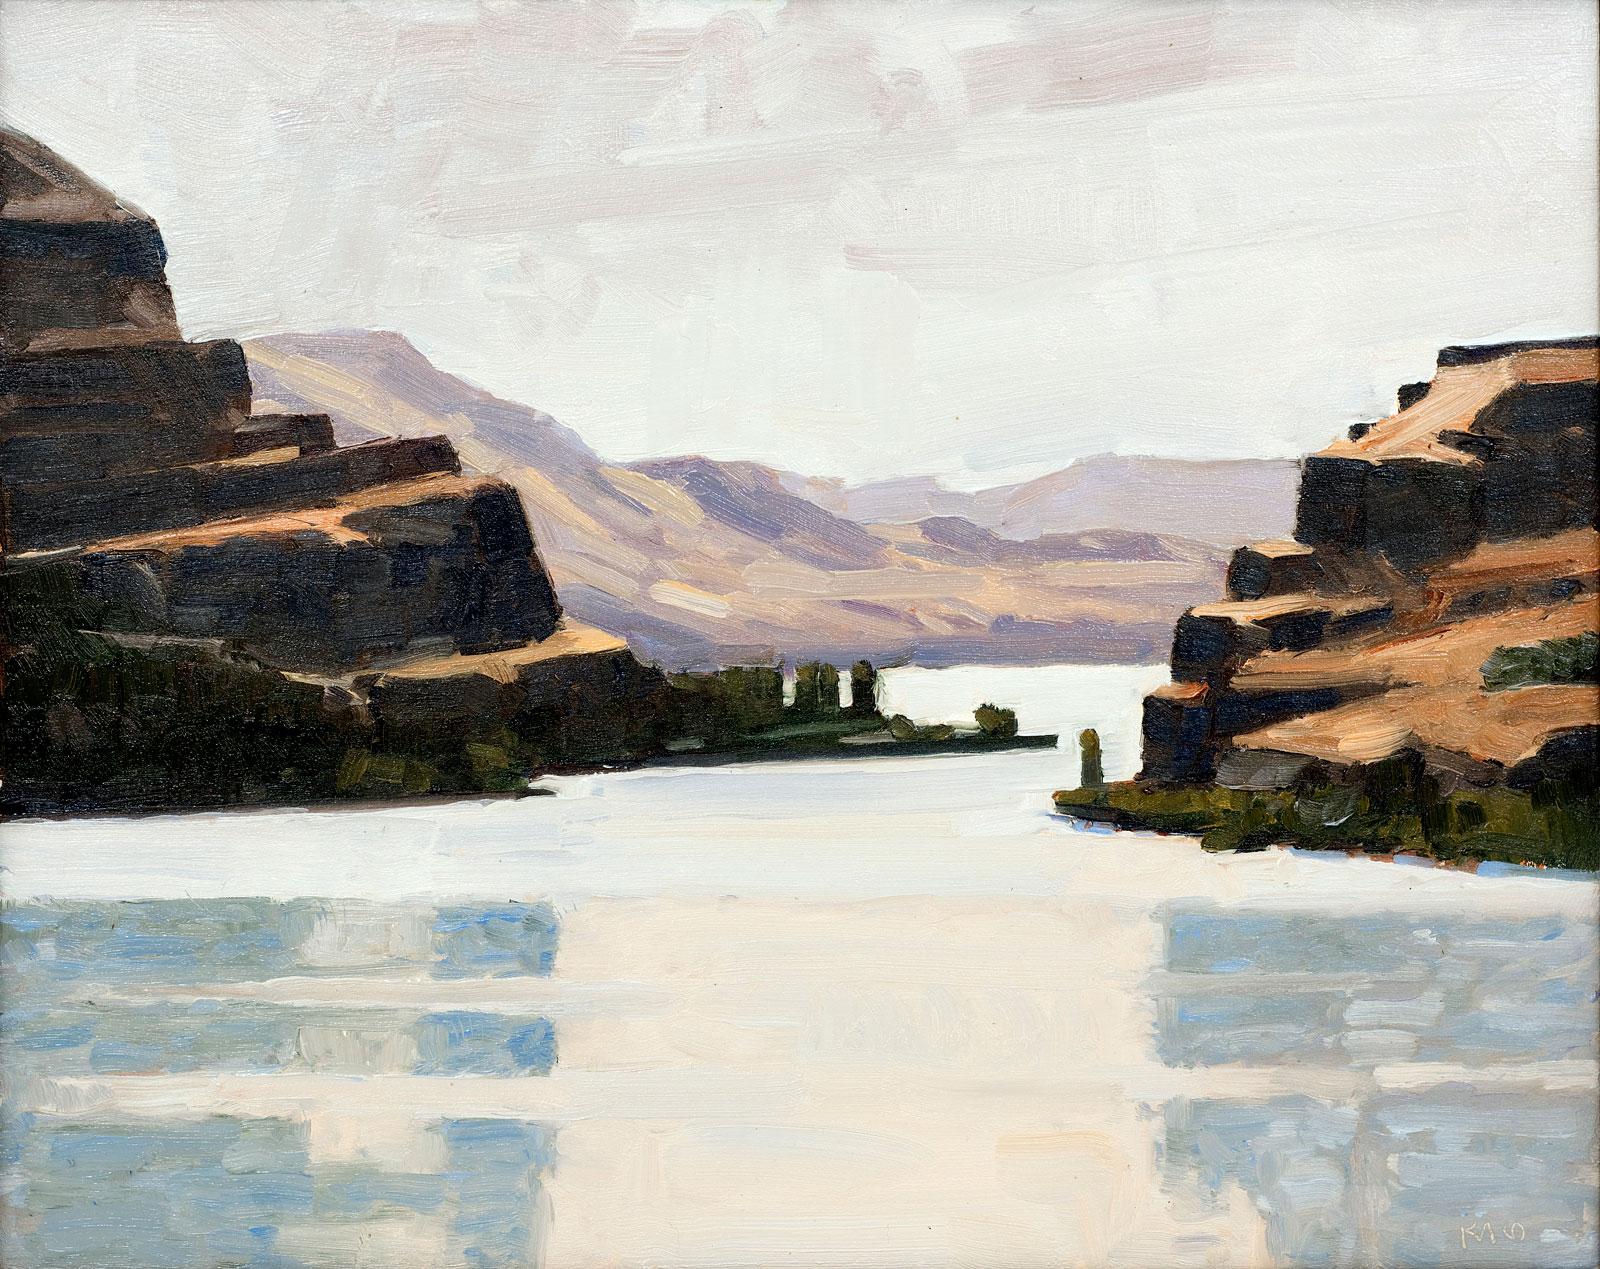 Ken Klos' winning painting